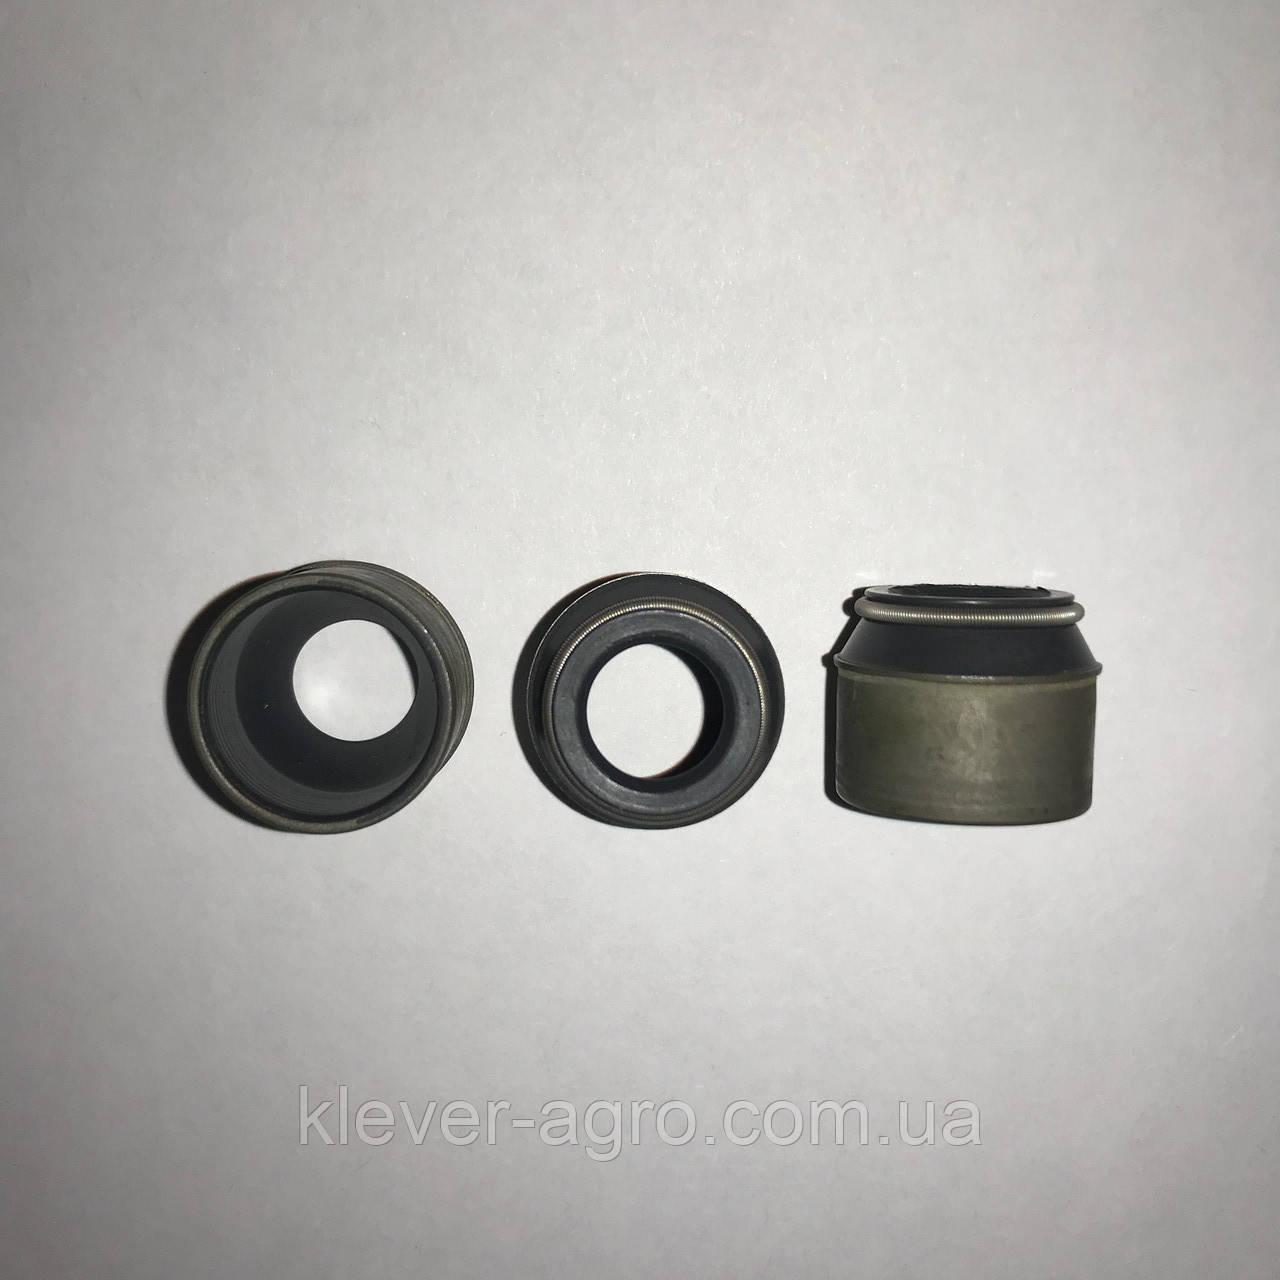 Манжета клапана дв. Д-240, 243, 245, Д-260 в сб. МТЗ  (пр-во. ММЗ )